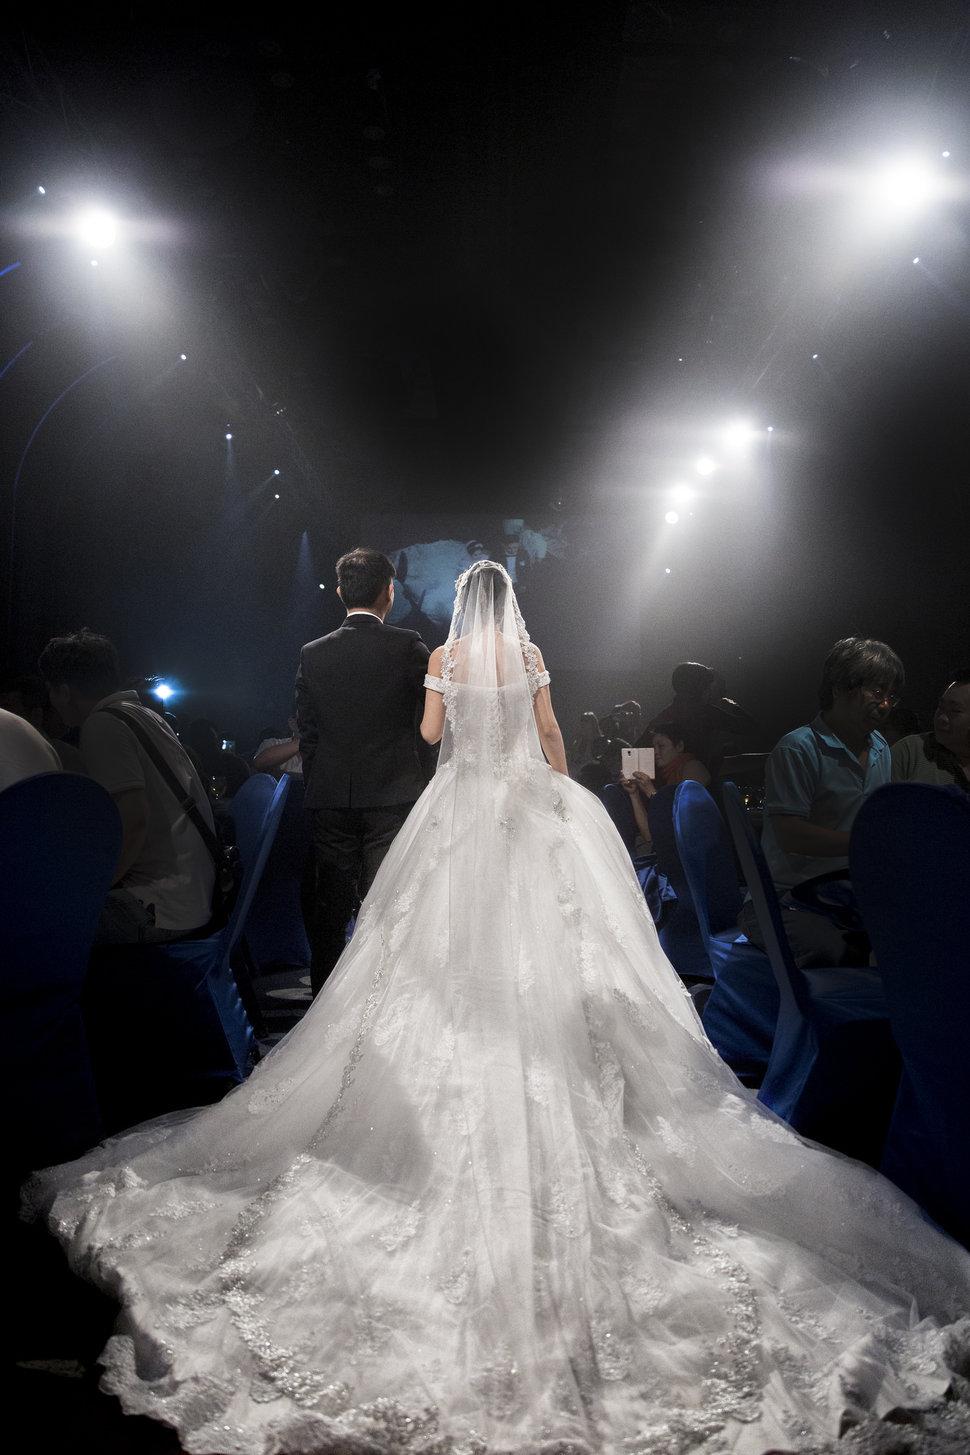 婚禮紀錄(編號:5284) - AC Photography - 結婚吧